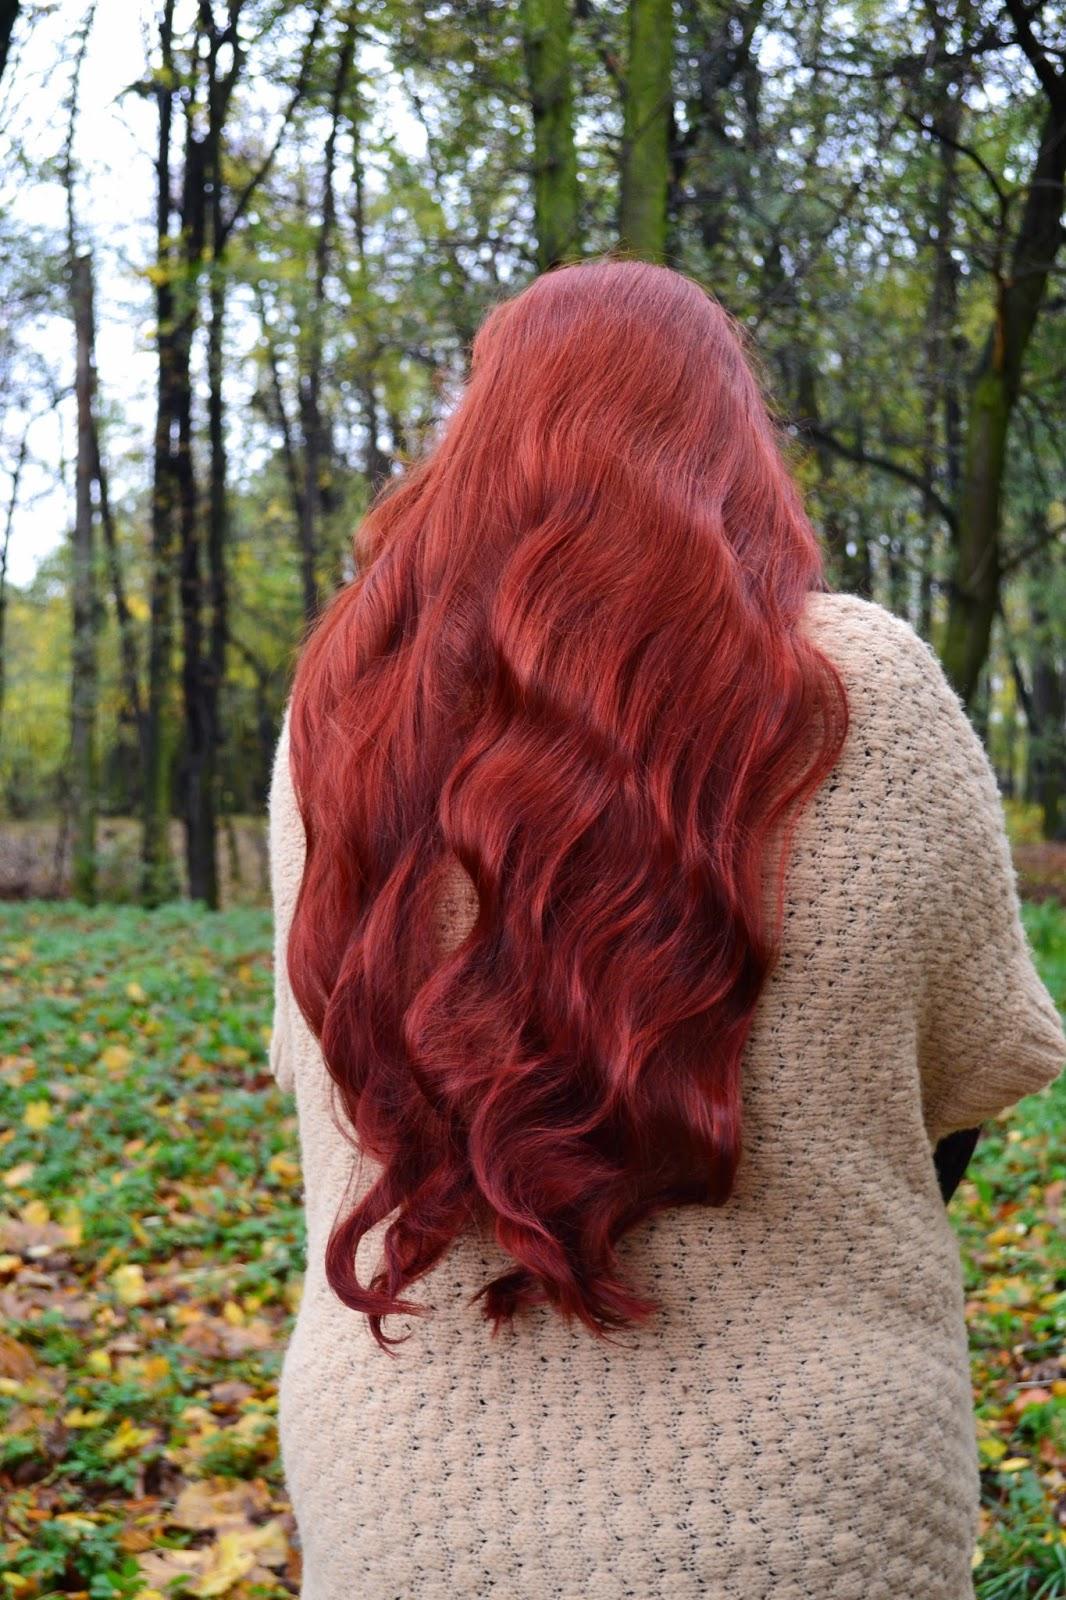 jak zafarbować włosy na czerwono?